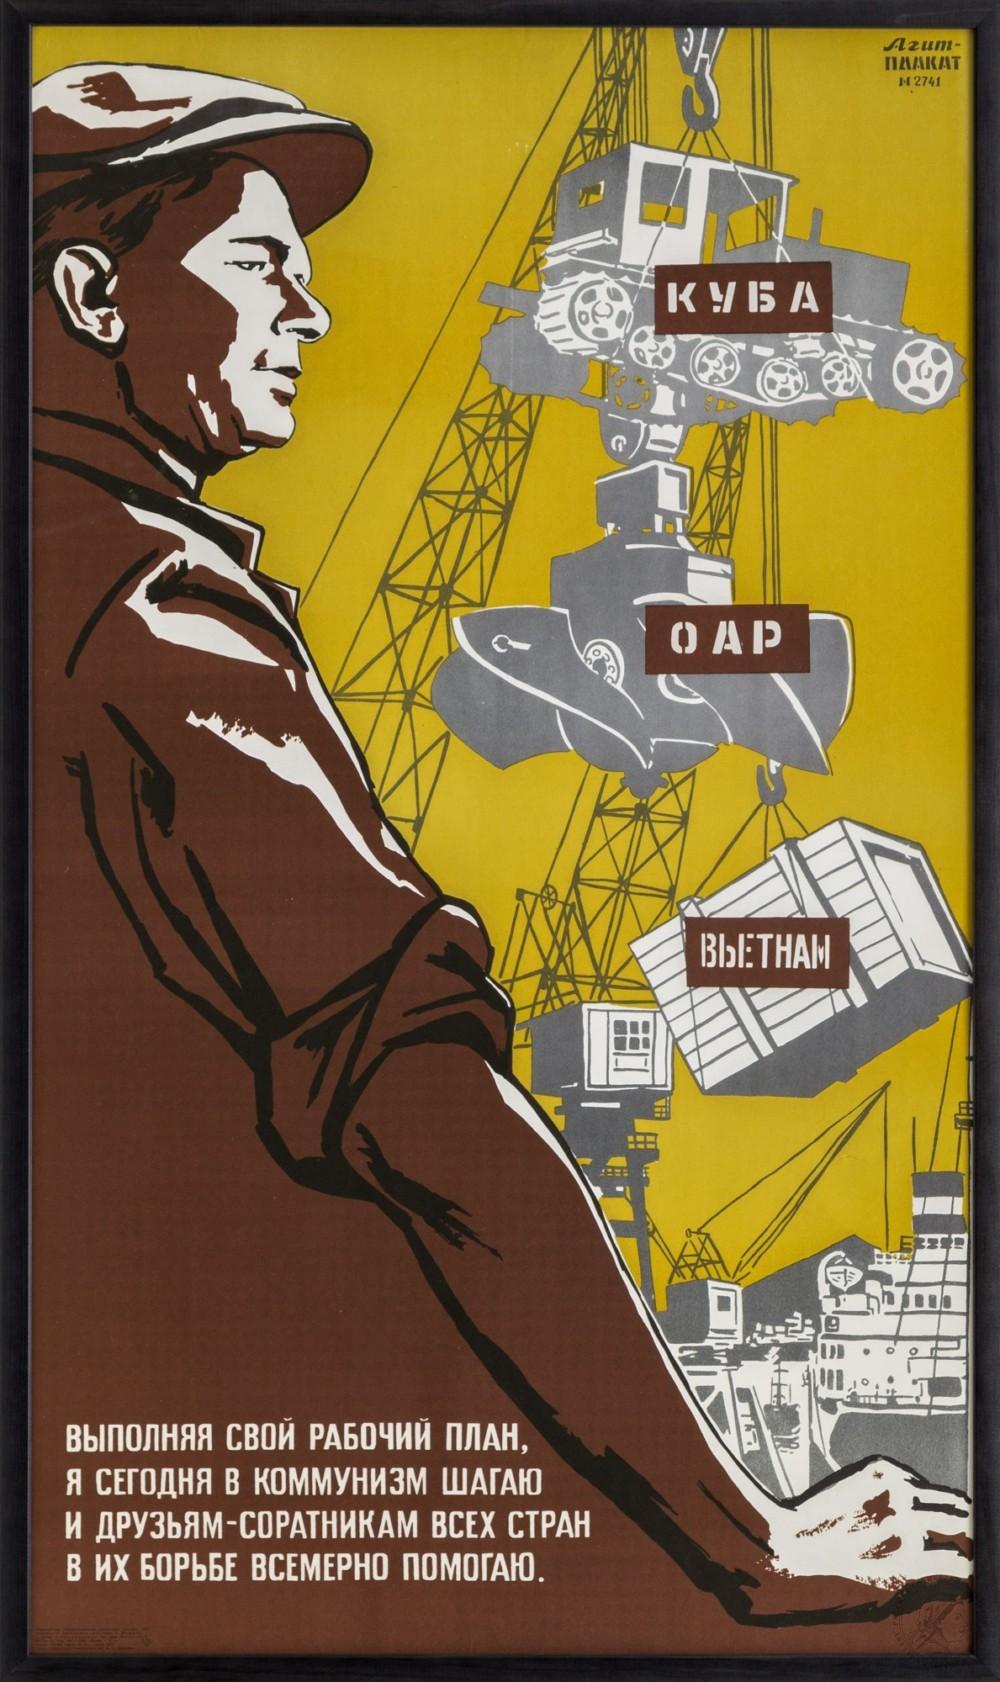 Плакат «Выполняя свой рабочий план, я сегодня в коммунизм шагаю и друзьям-соратникам всех стран в их борьбе всемерно помогаю»